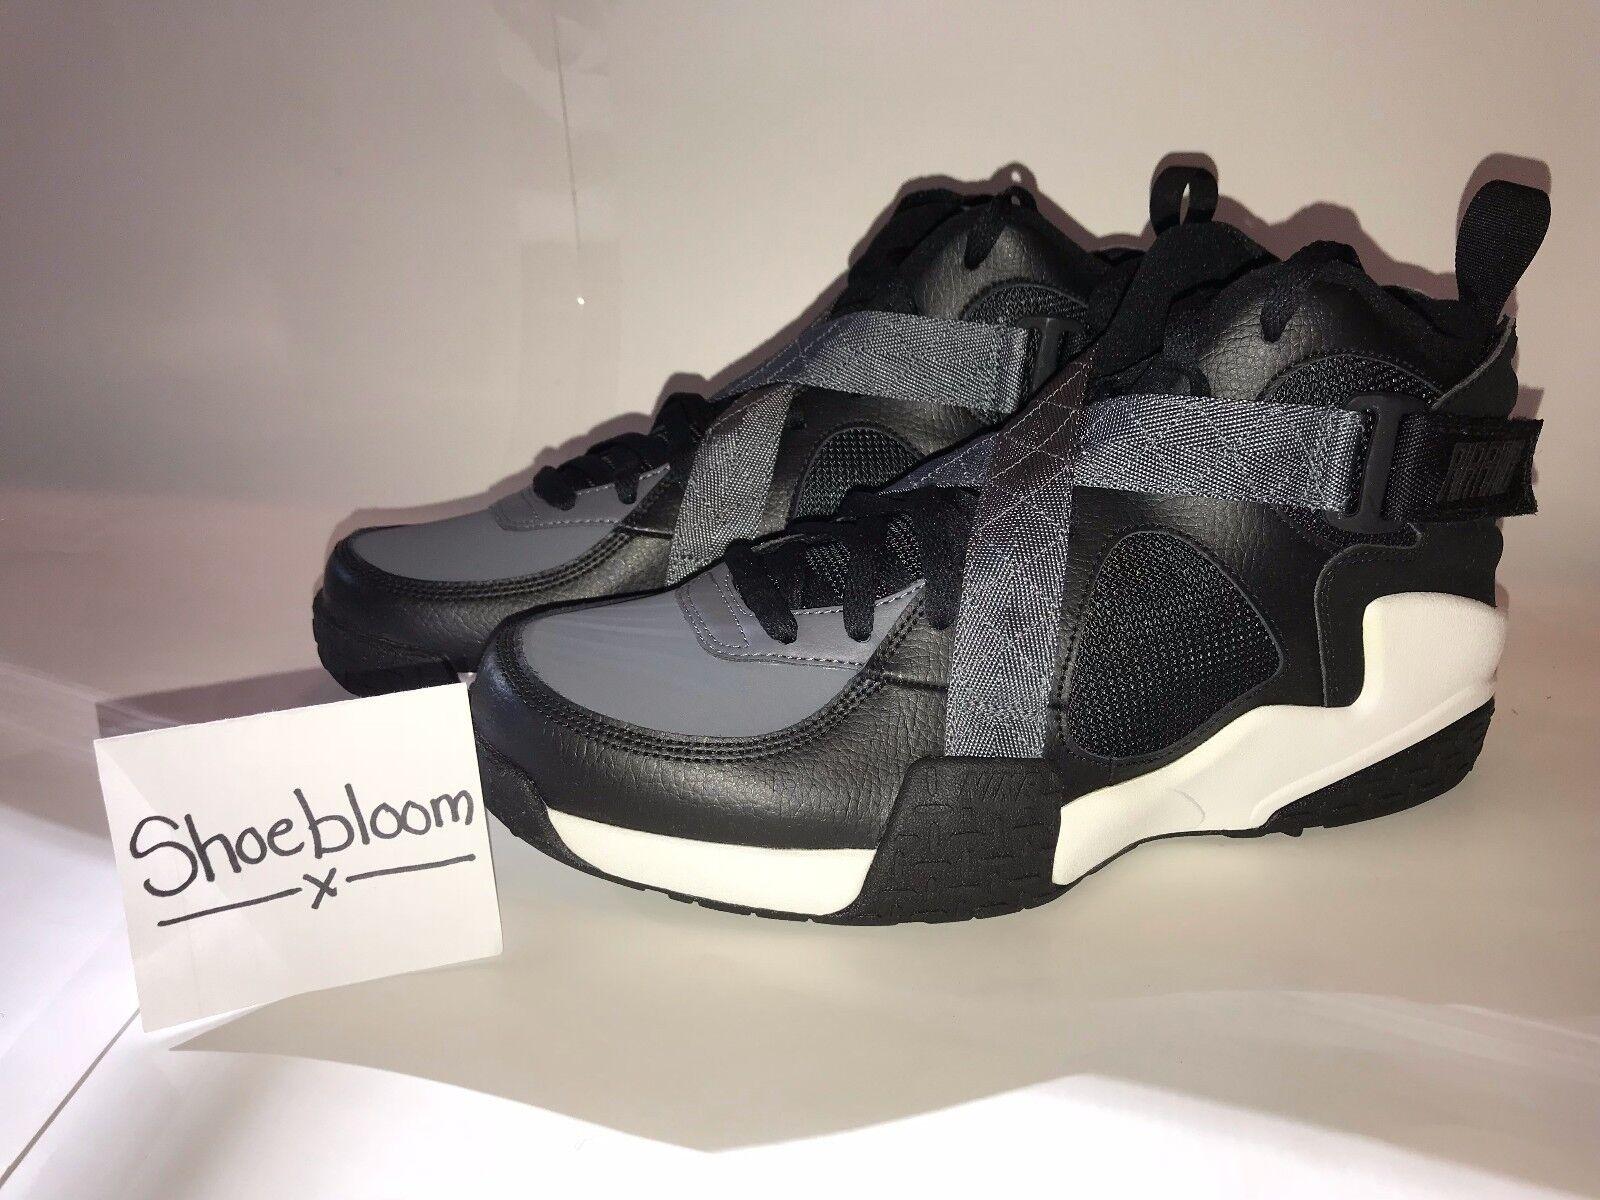 Nike Air Raid Outdoor sabe Jordan 8 Raiders Bo sabe Outdoor PE comodo especial de tiempo limitado cf0ea5